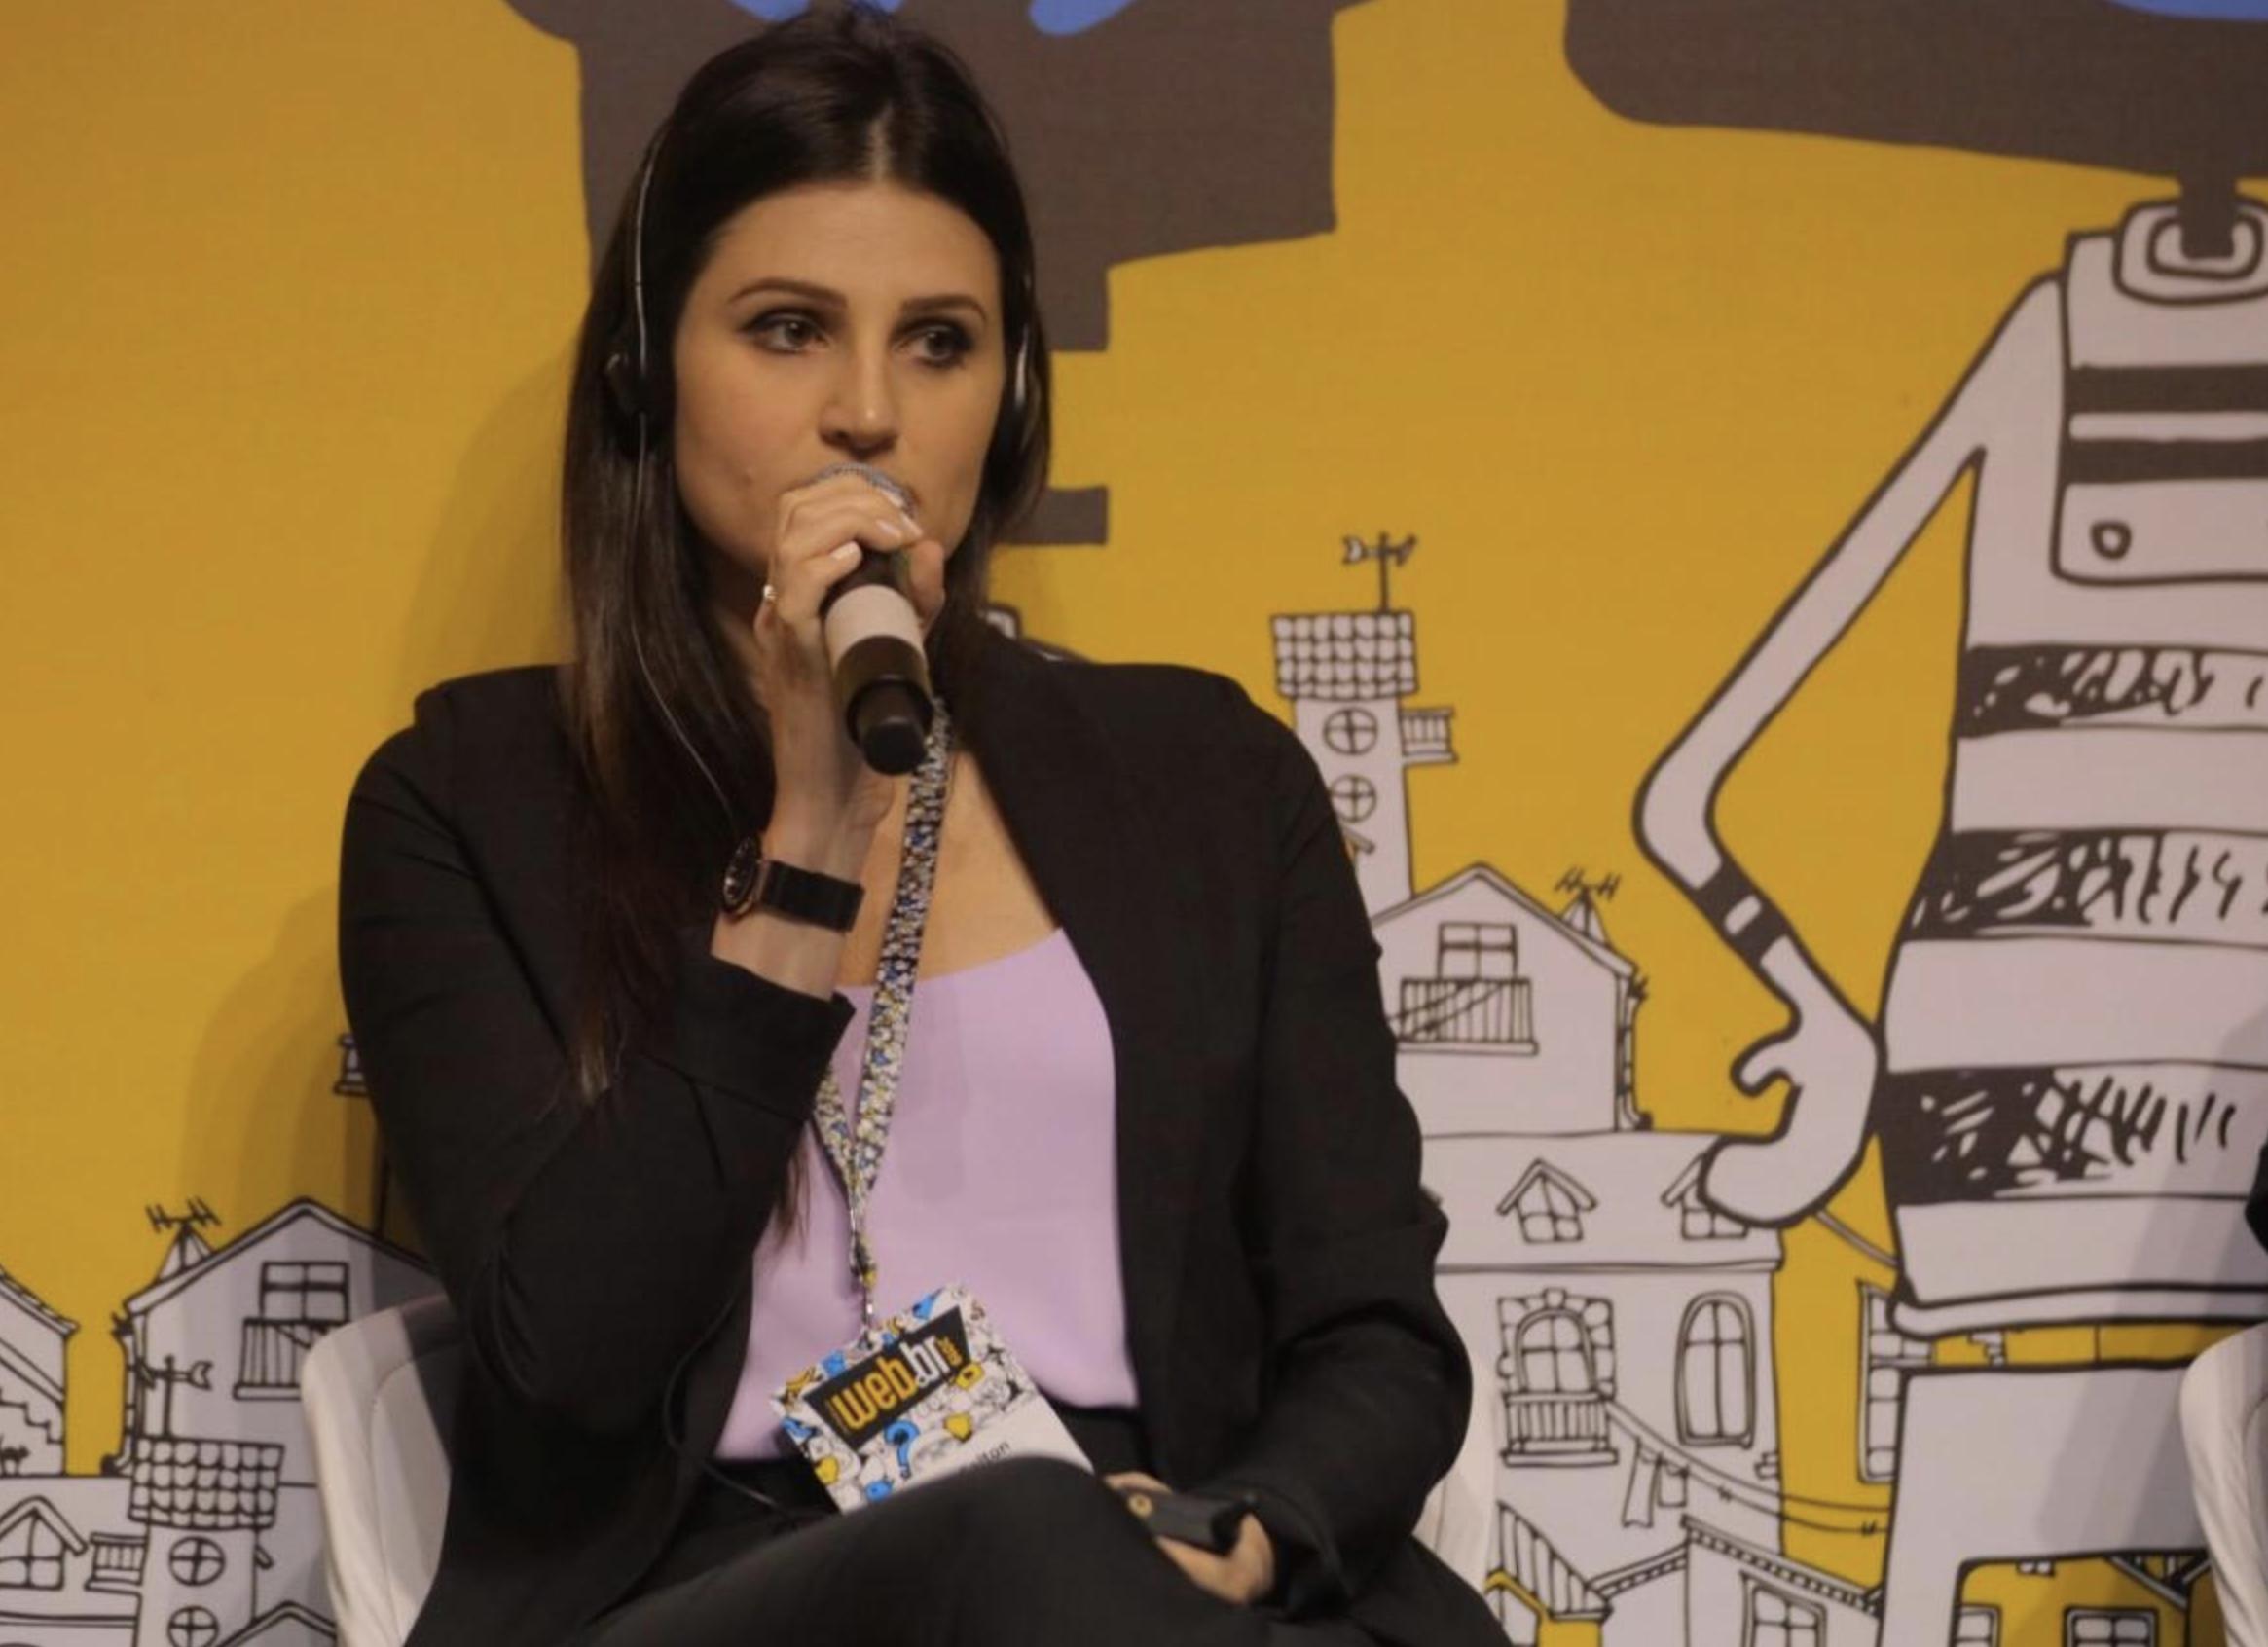 Bruna Salton falando no microfone